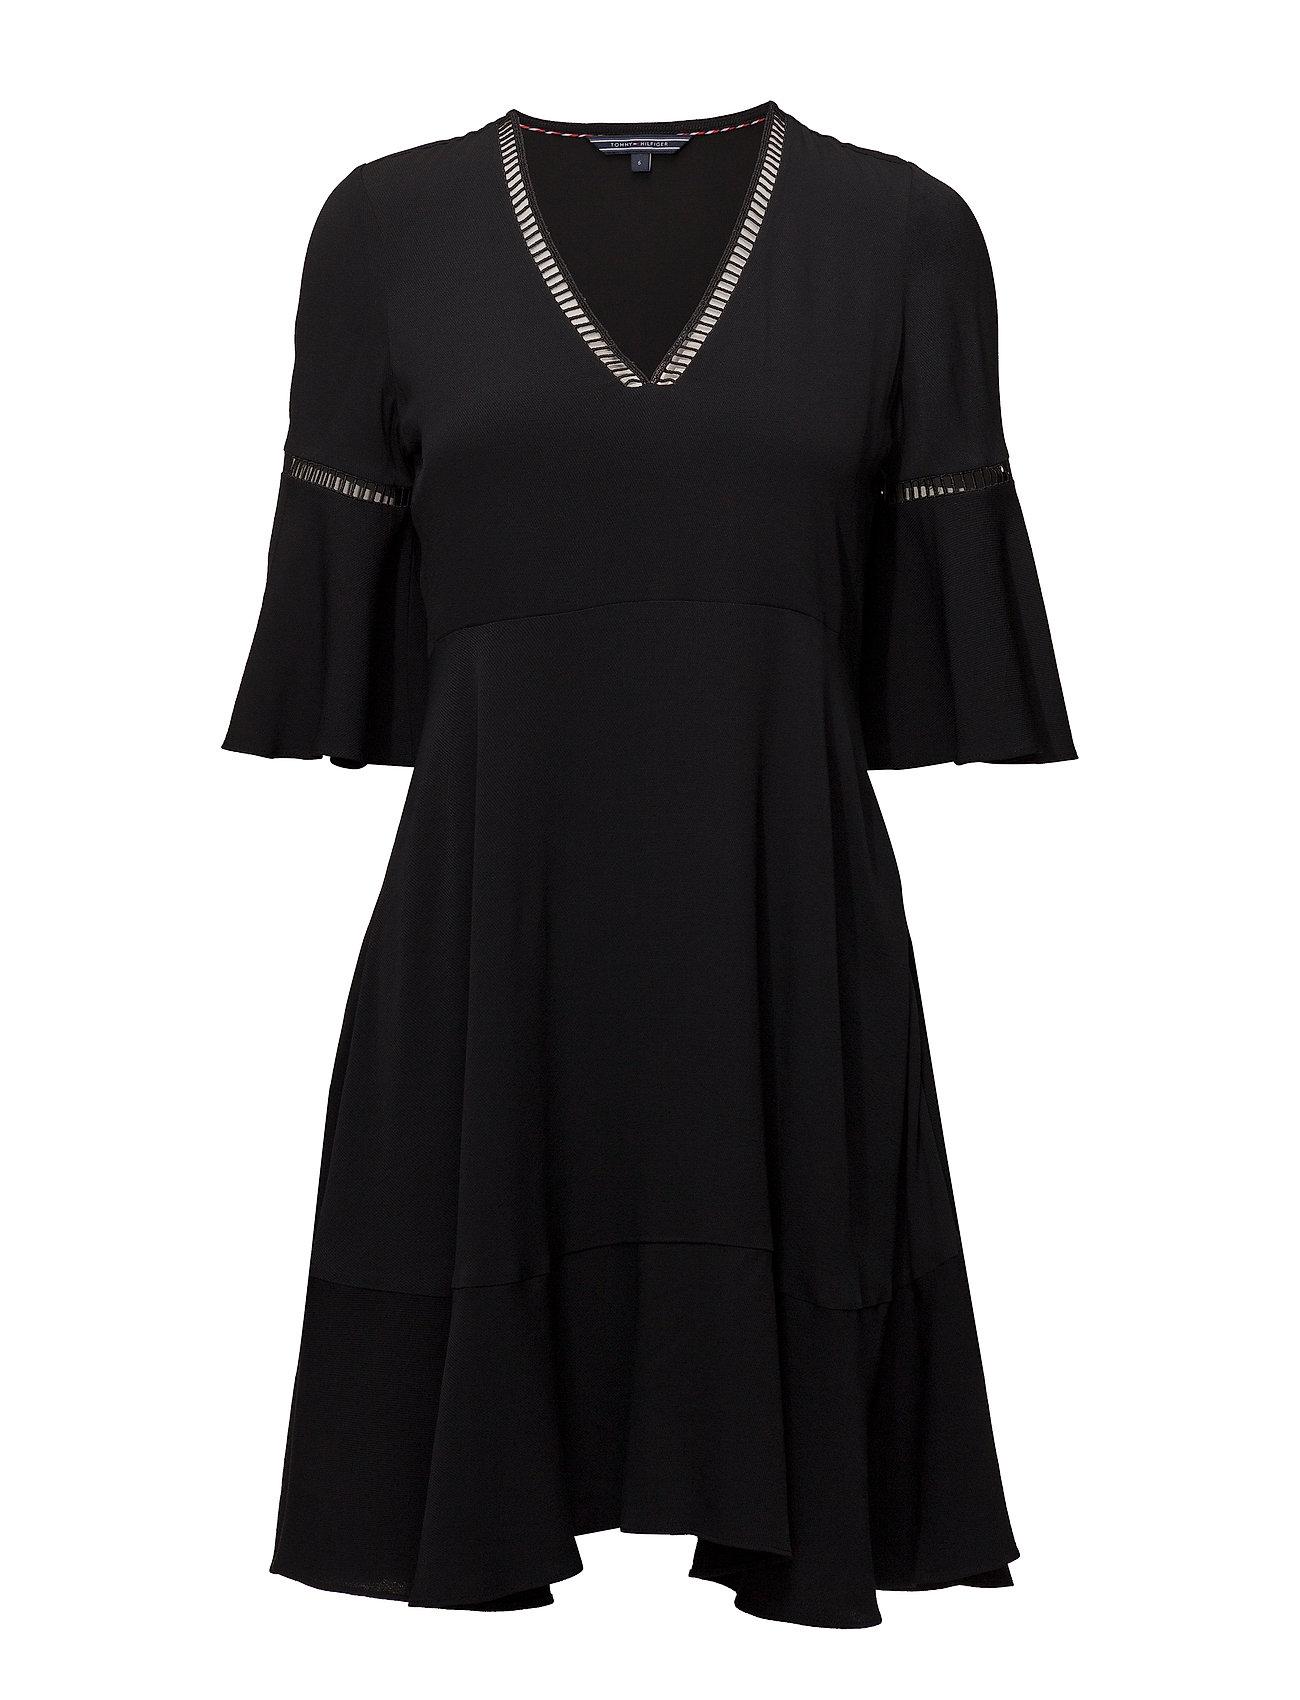 Tommy Hilfiger PEGGY DRESS SS - BLACK BEAUTY